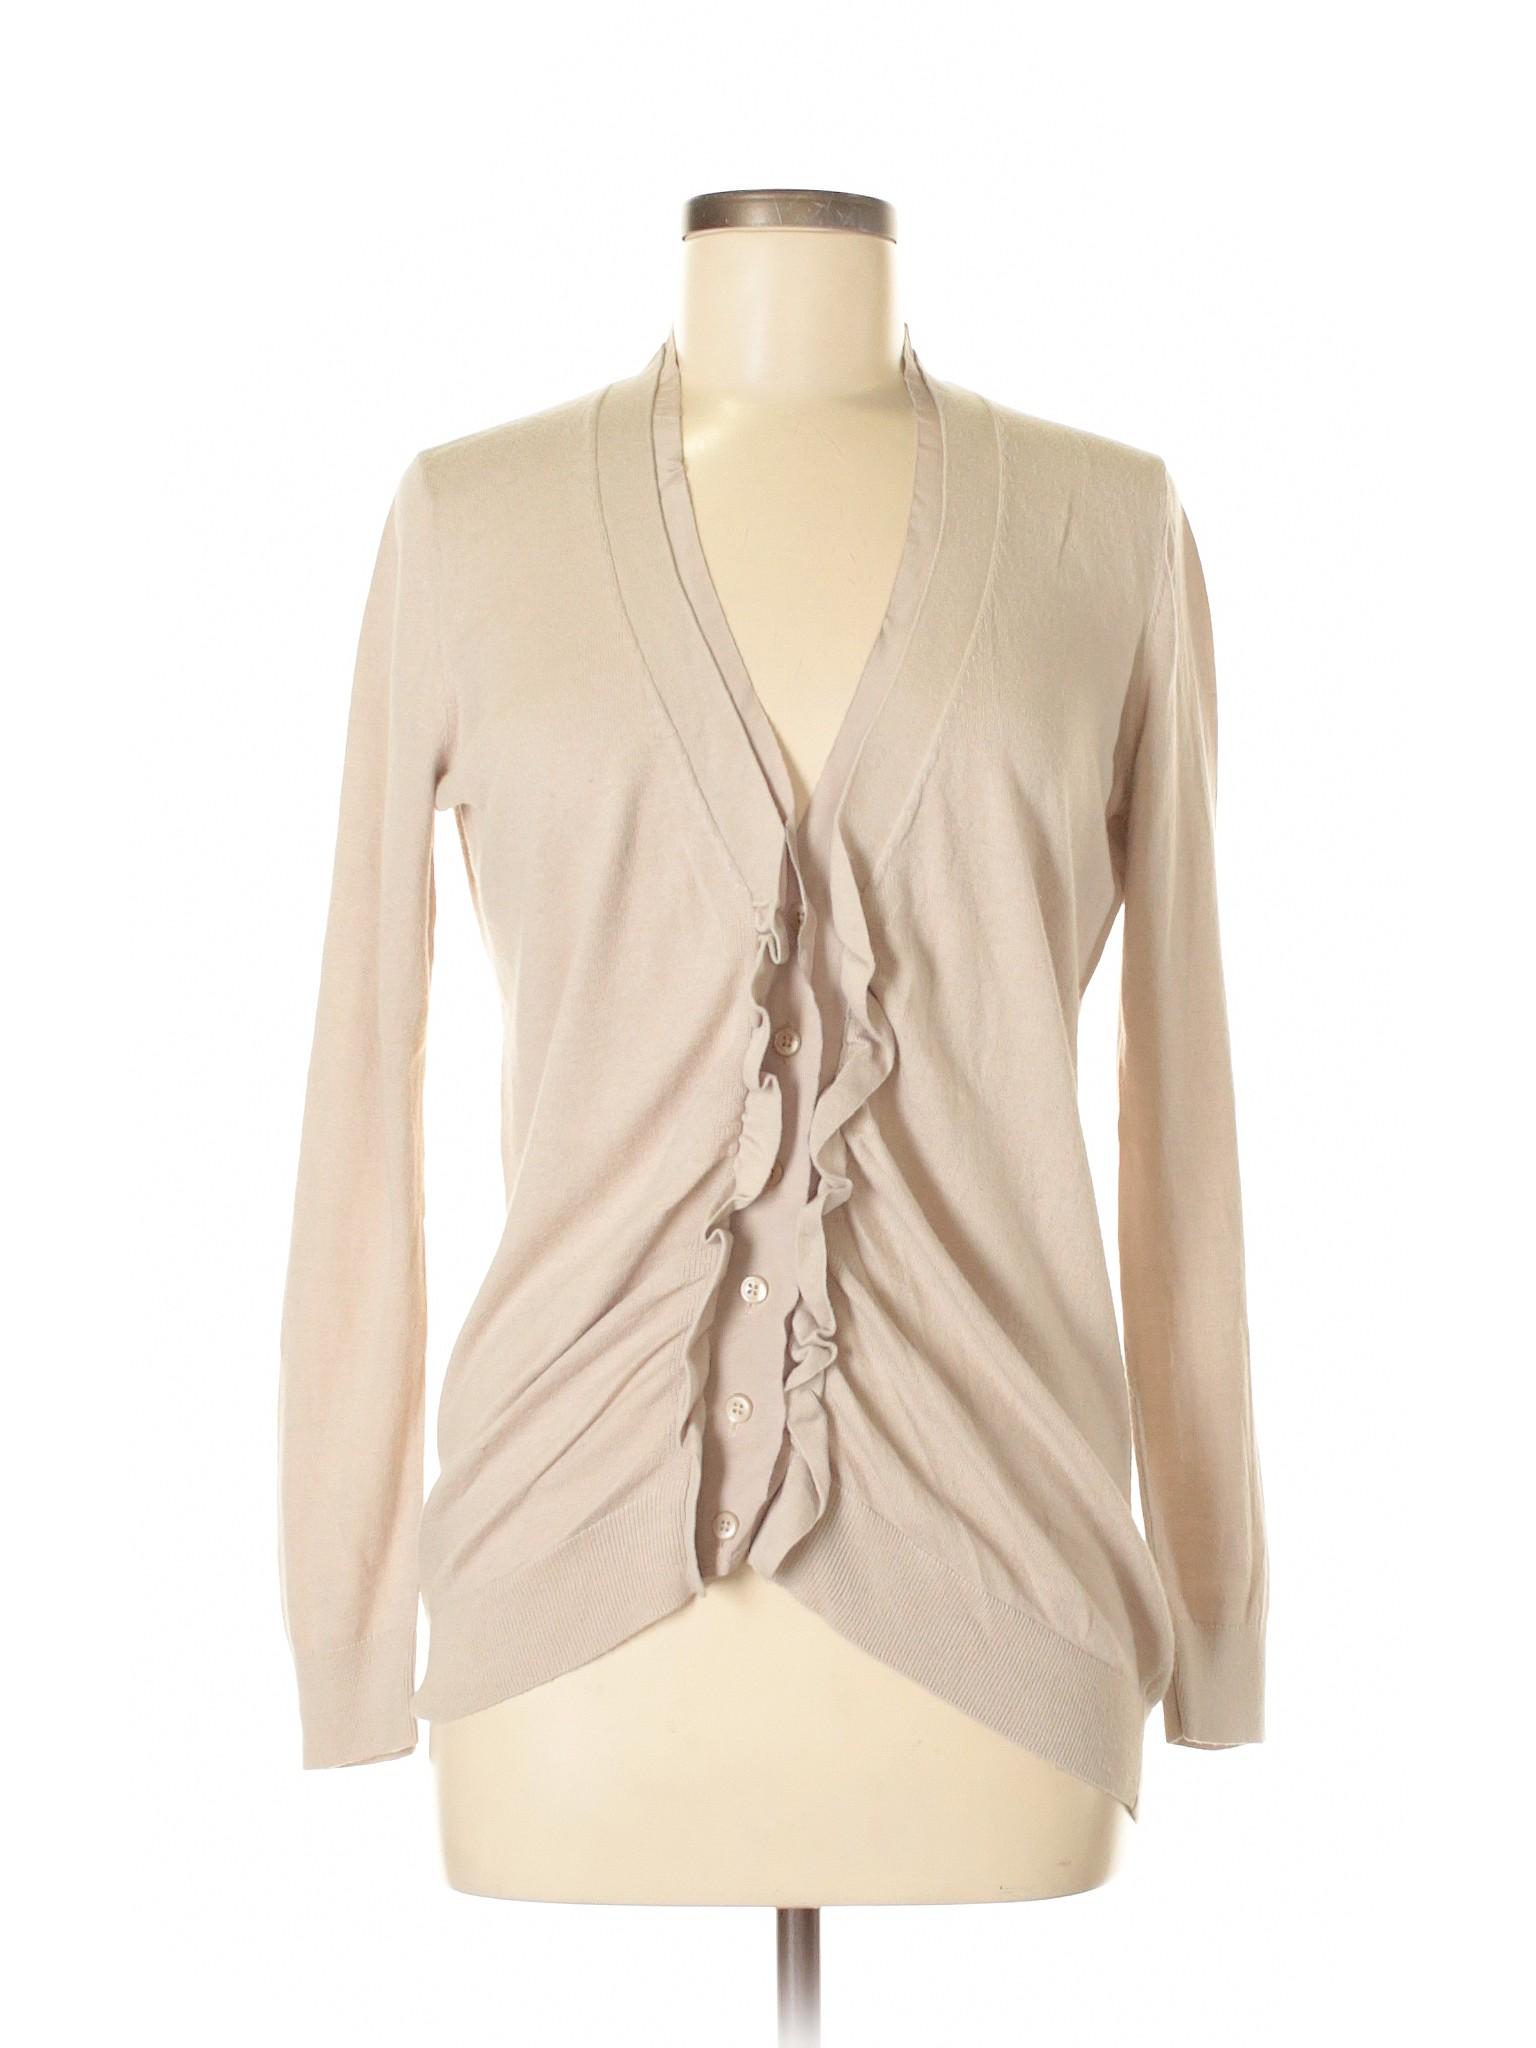 Taylor LOFT Cardigan Ann Boutique Boutique Ann wqaUt8